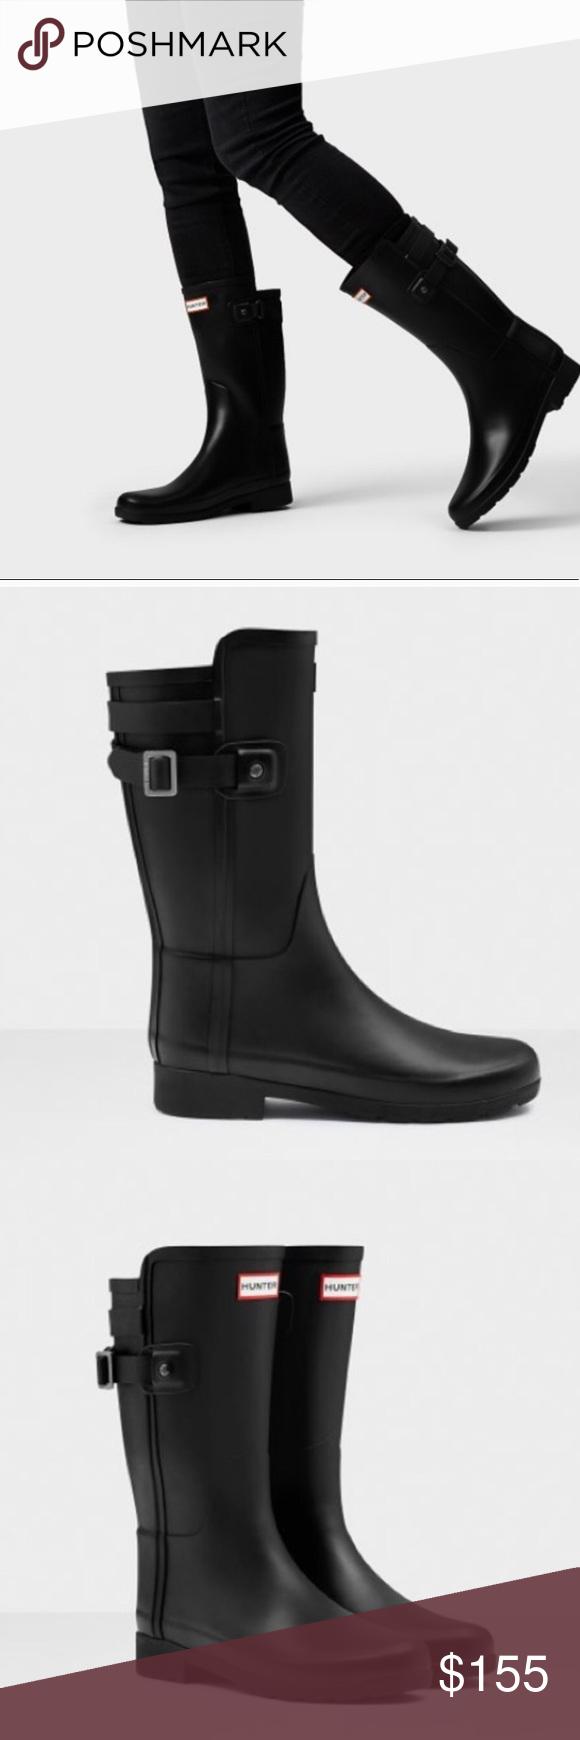 695fa8f43da5 Hunter Original refined back strap short boots New in box US size 10, euro  42 Hunter Shoes Winter & Rain Boots